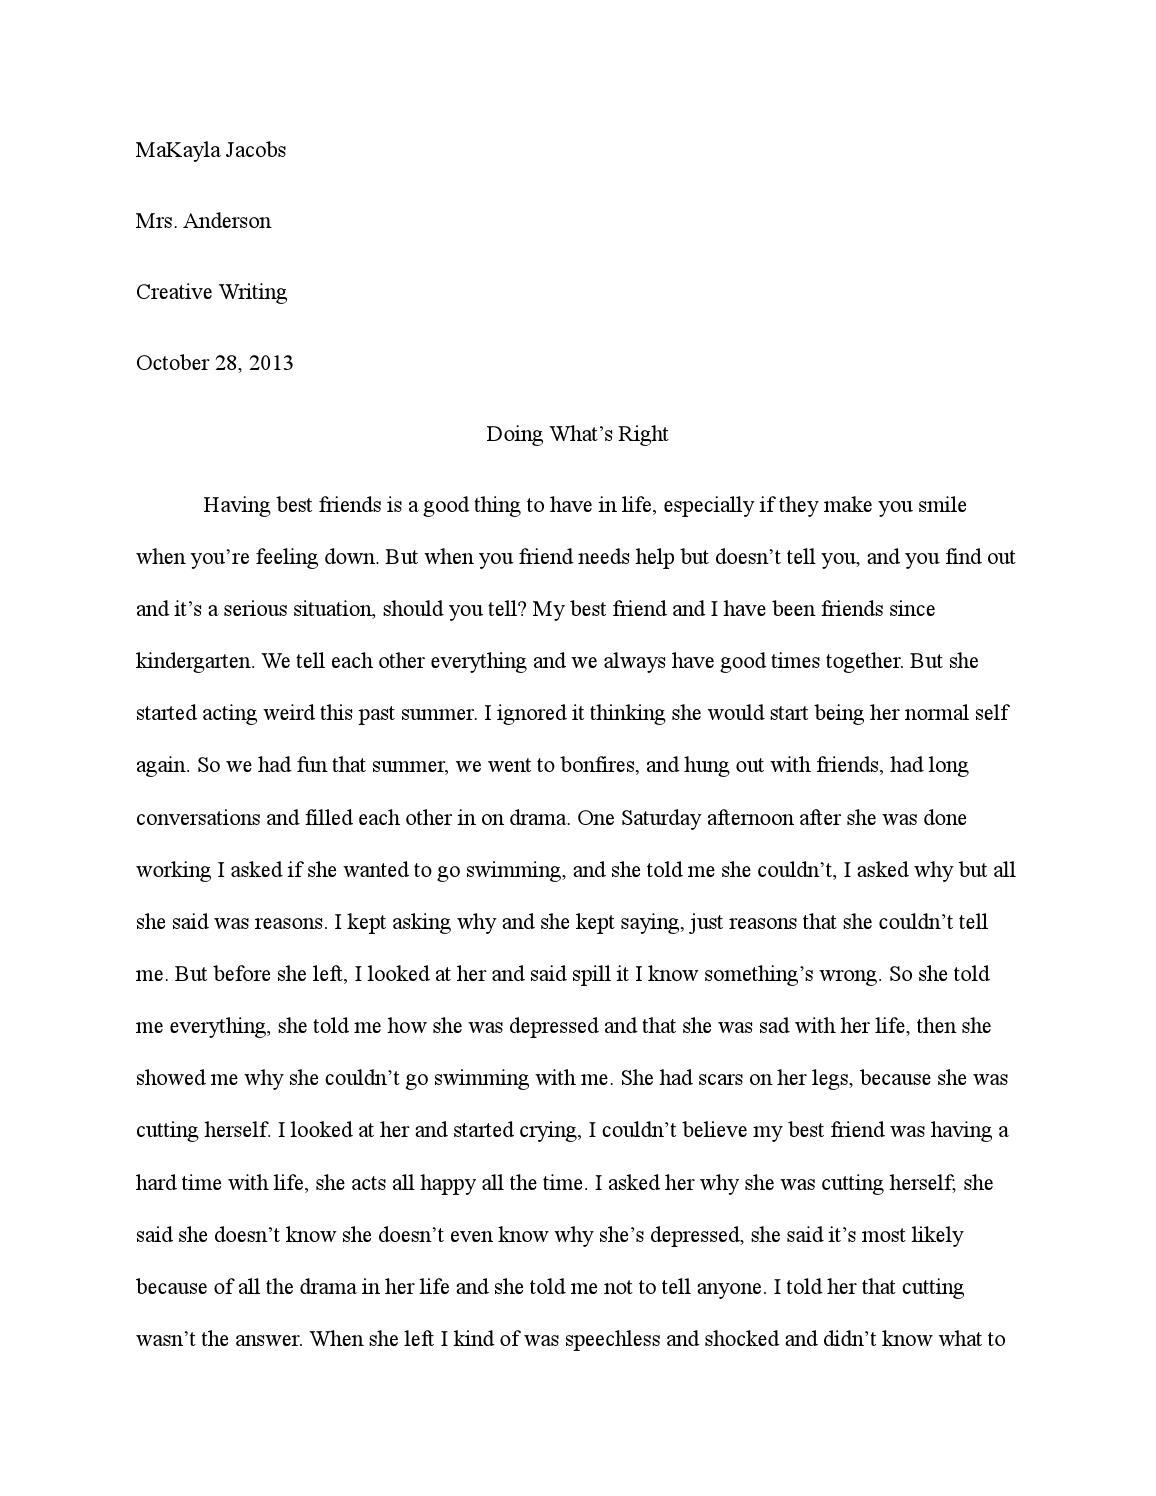 health ielts essay crime topic